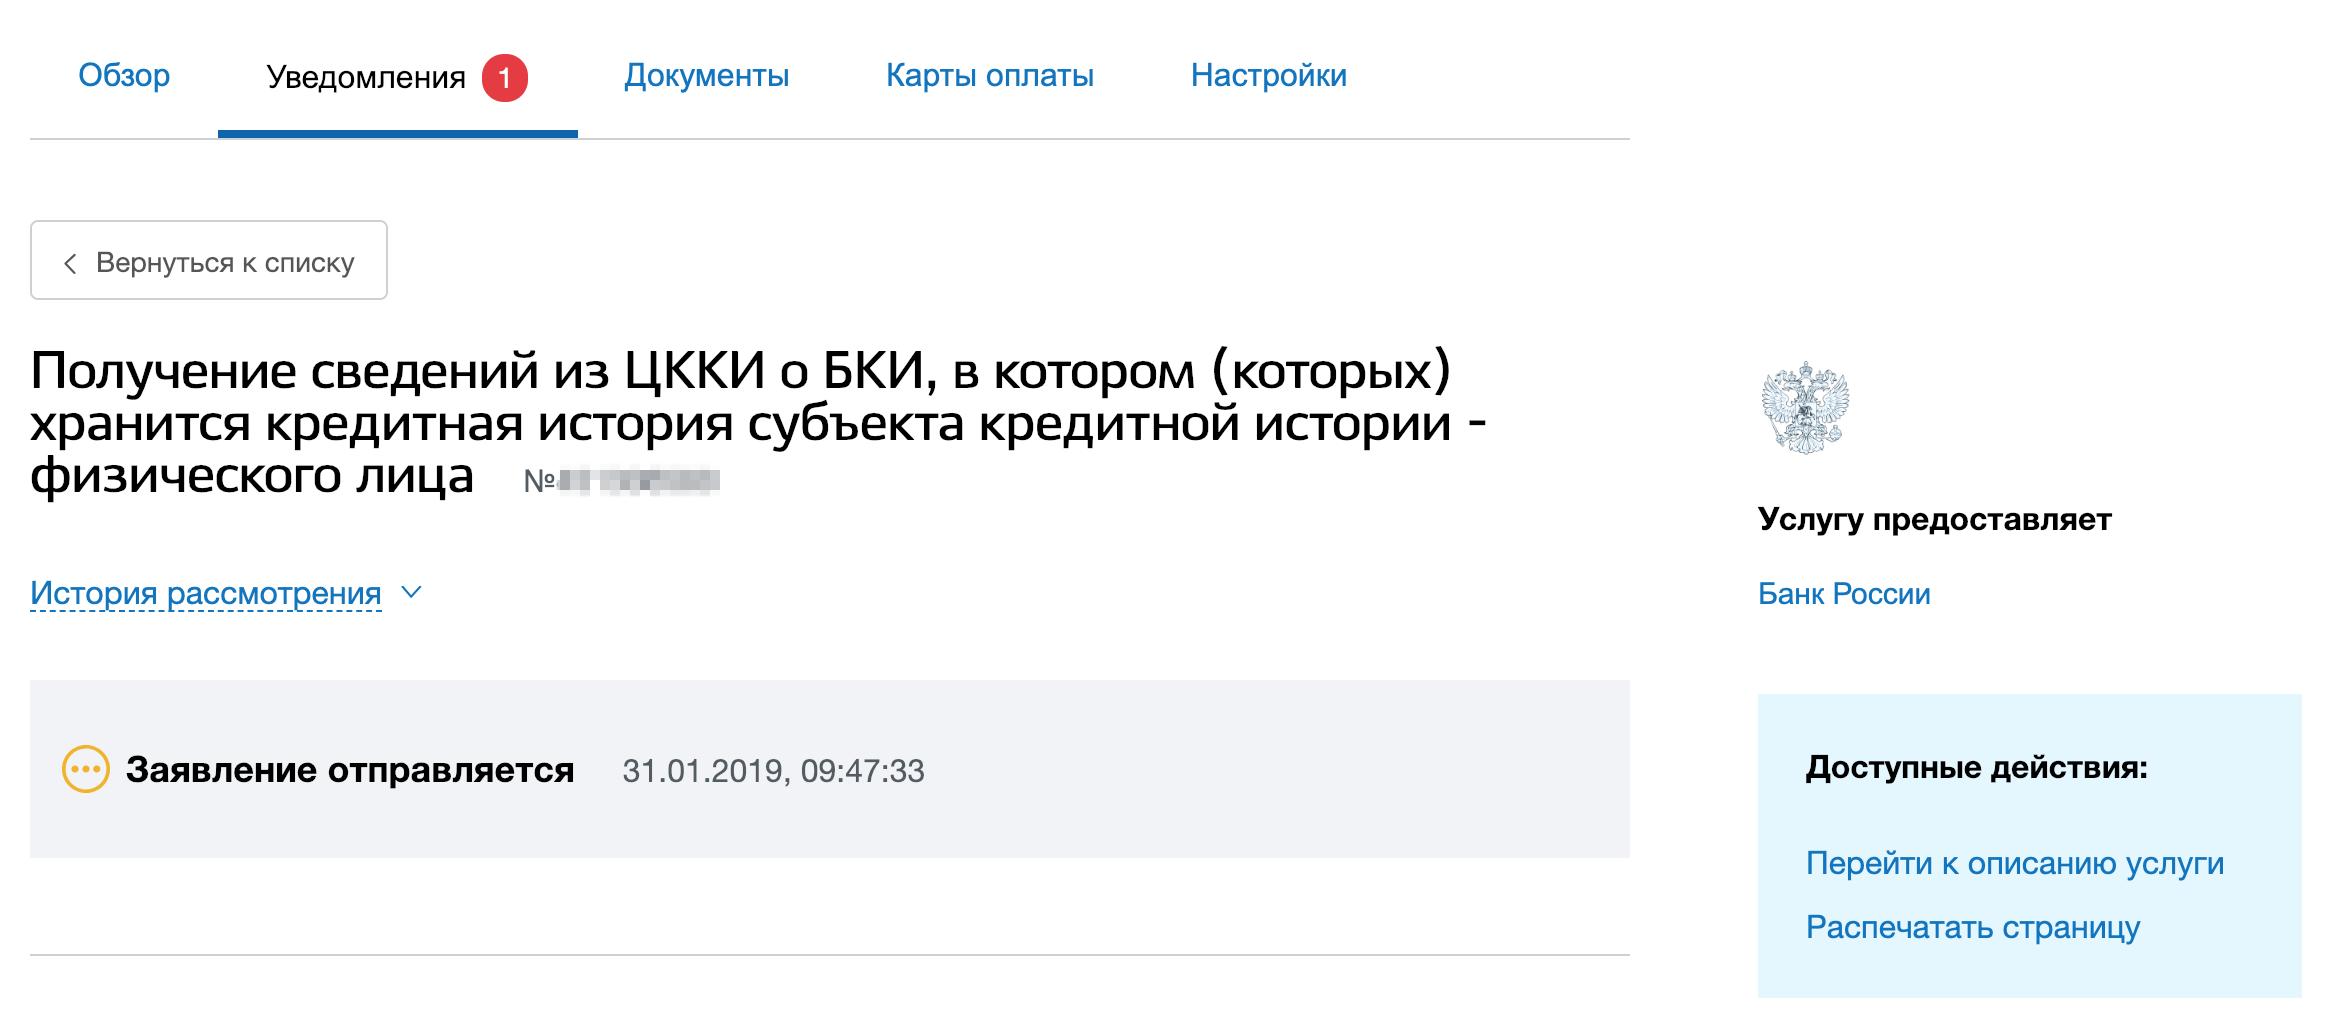 займ на 50000 рублей на карту на год без процентов